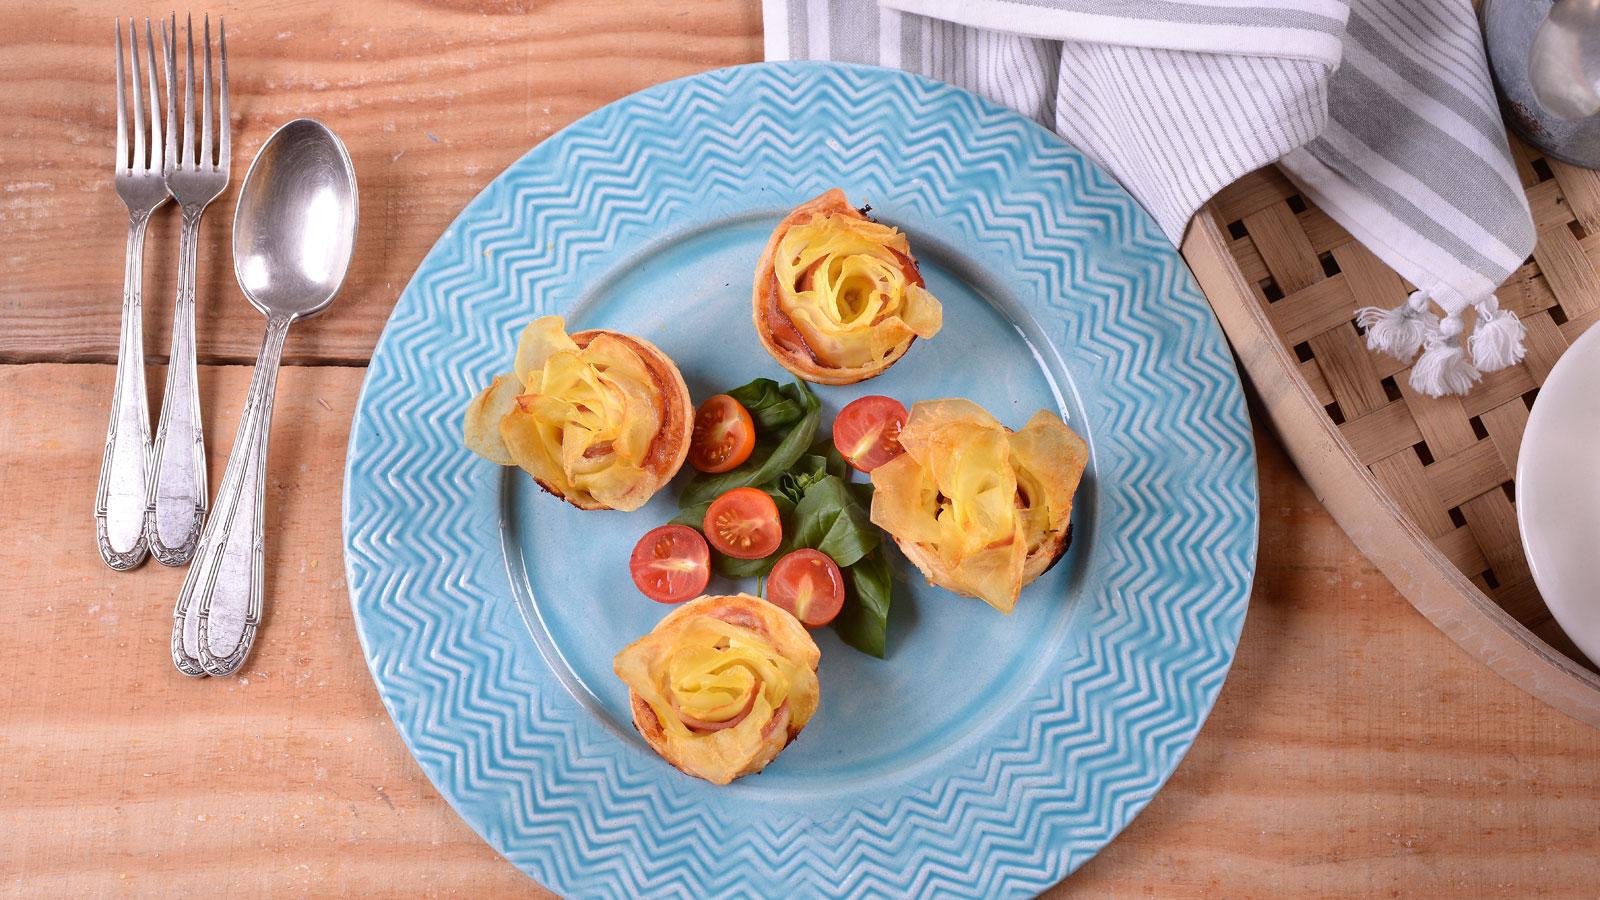 Rosas de patata con beicon y nata elena aymerich for Canal cocina cocina de familia